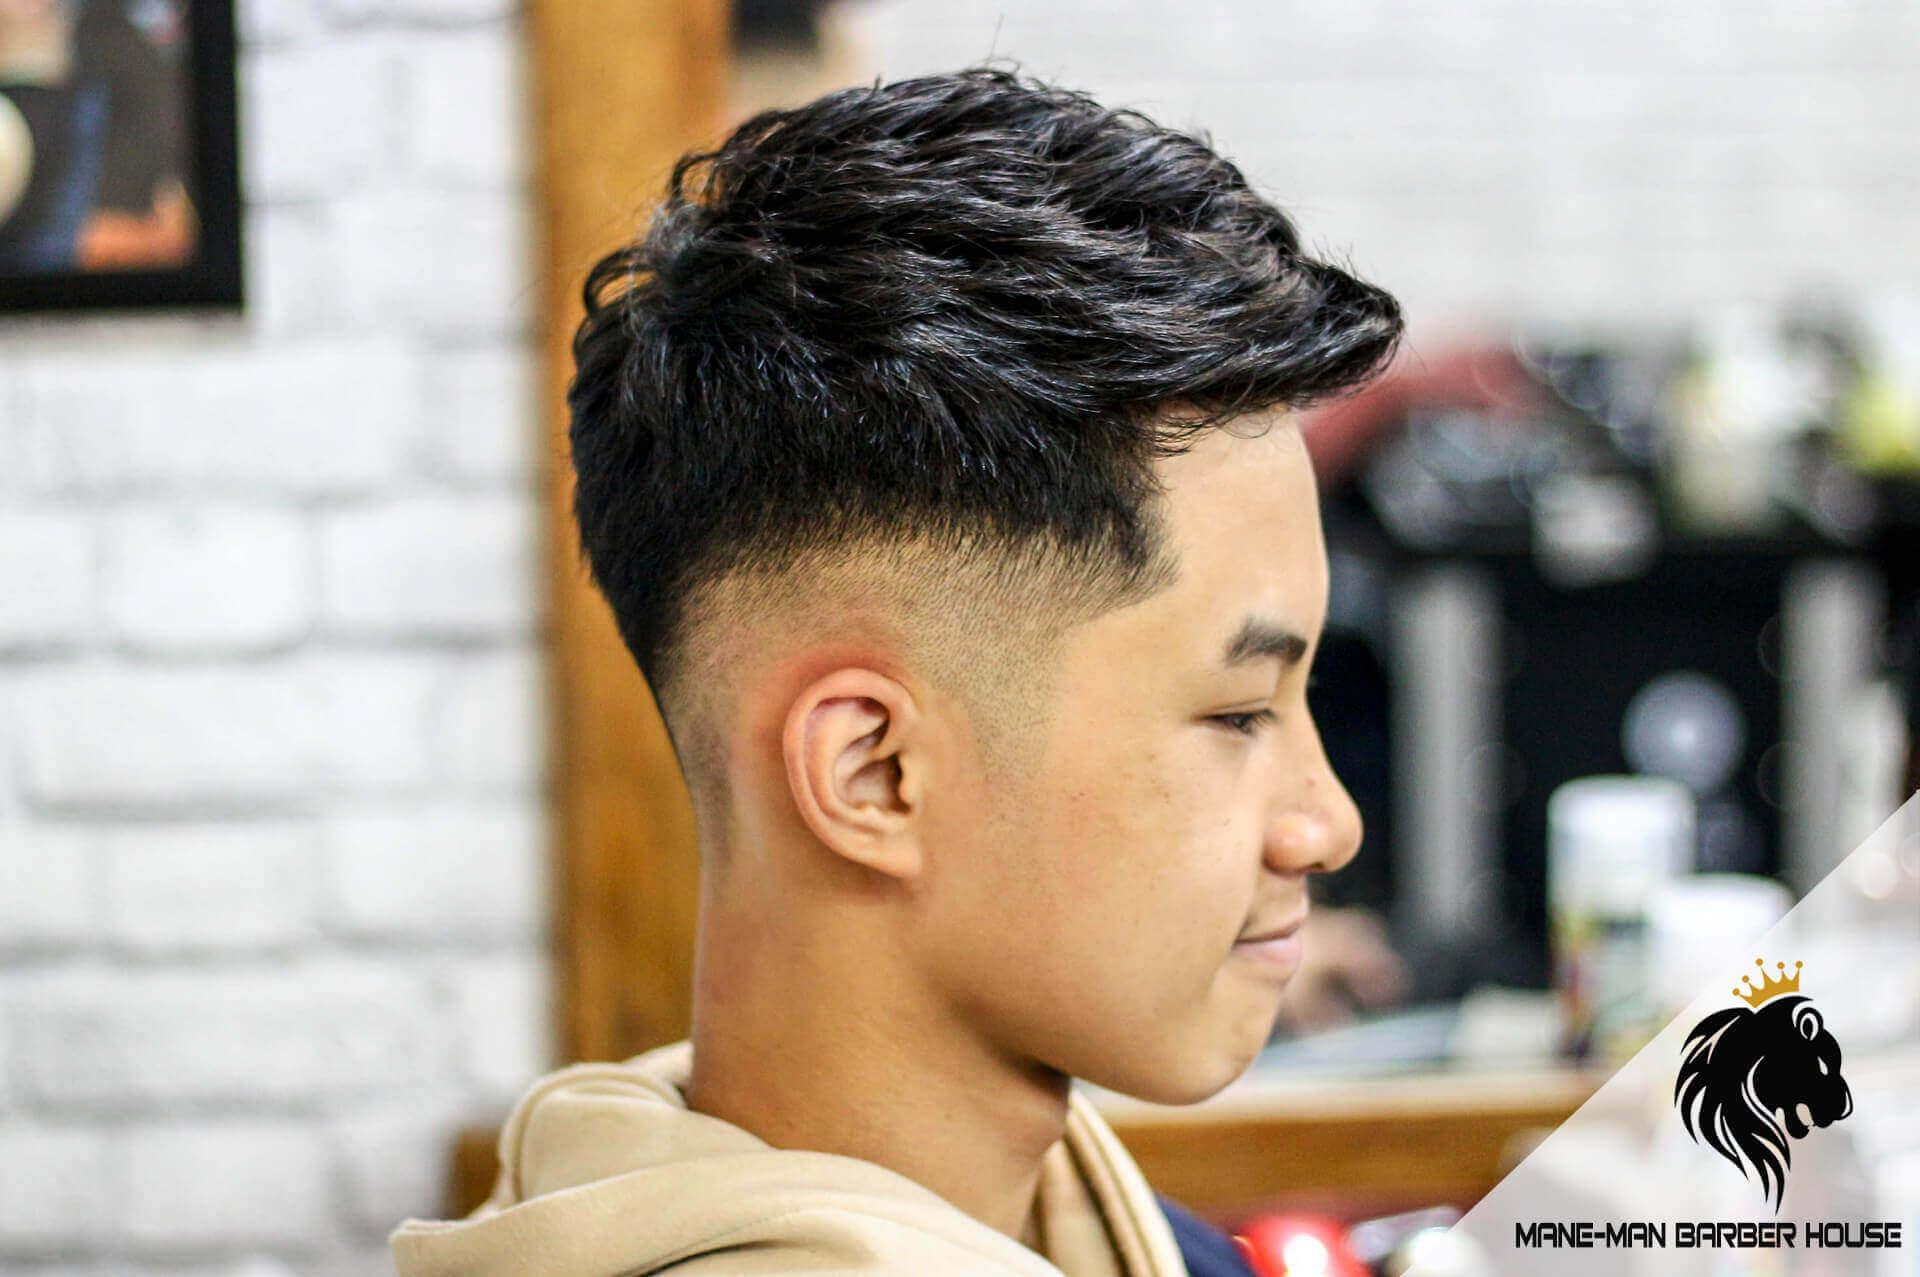 Kiểu tóc Undercut Quiff